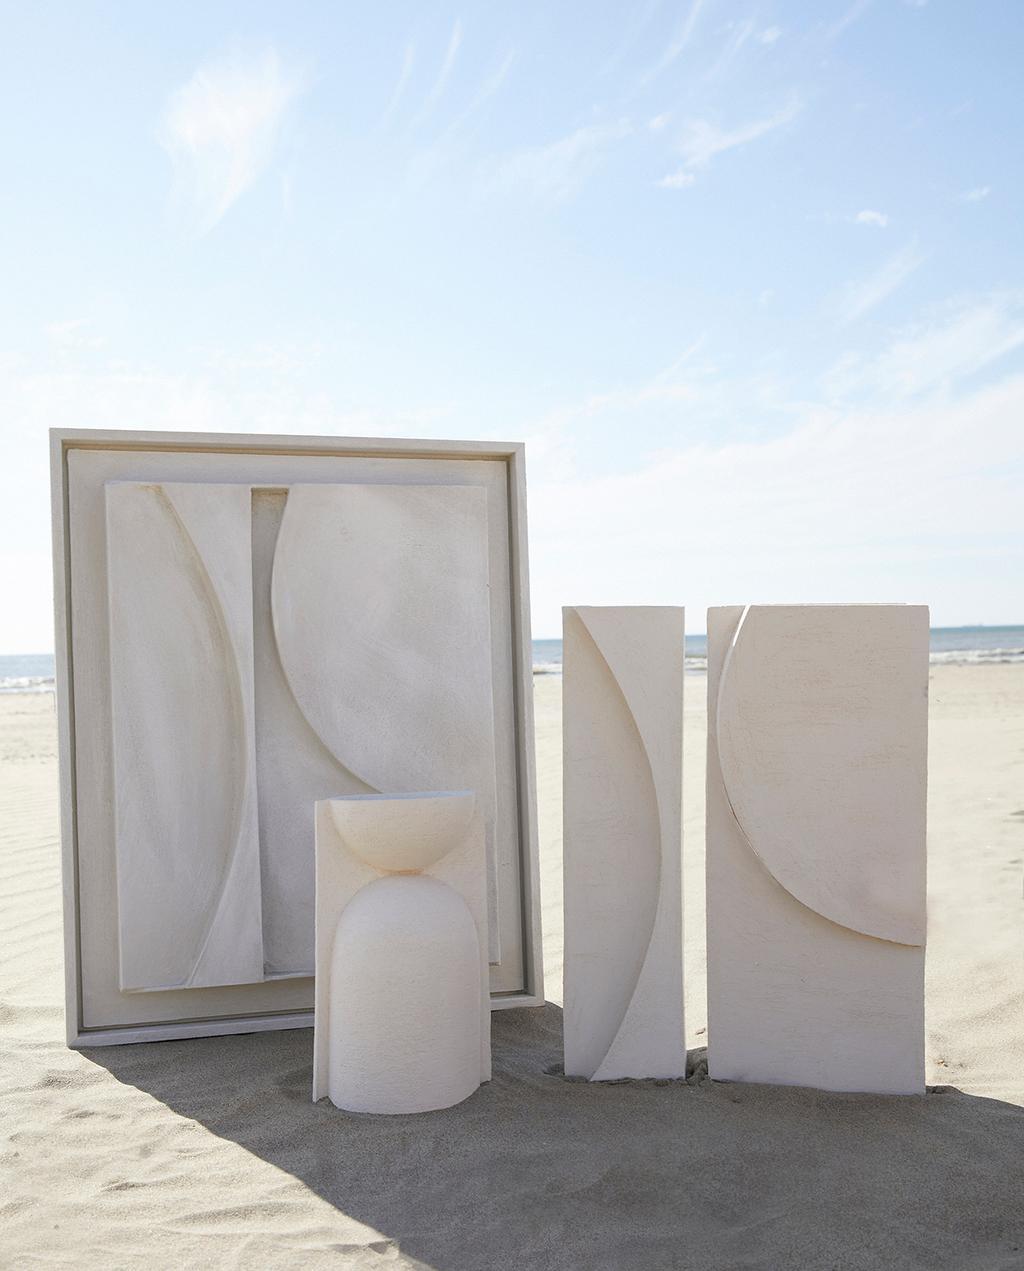 vtwonen 11-2020 | drie witte reliëf kunstwerken op het strand